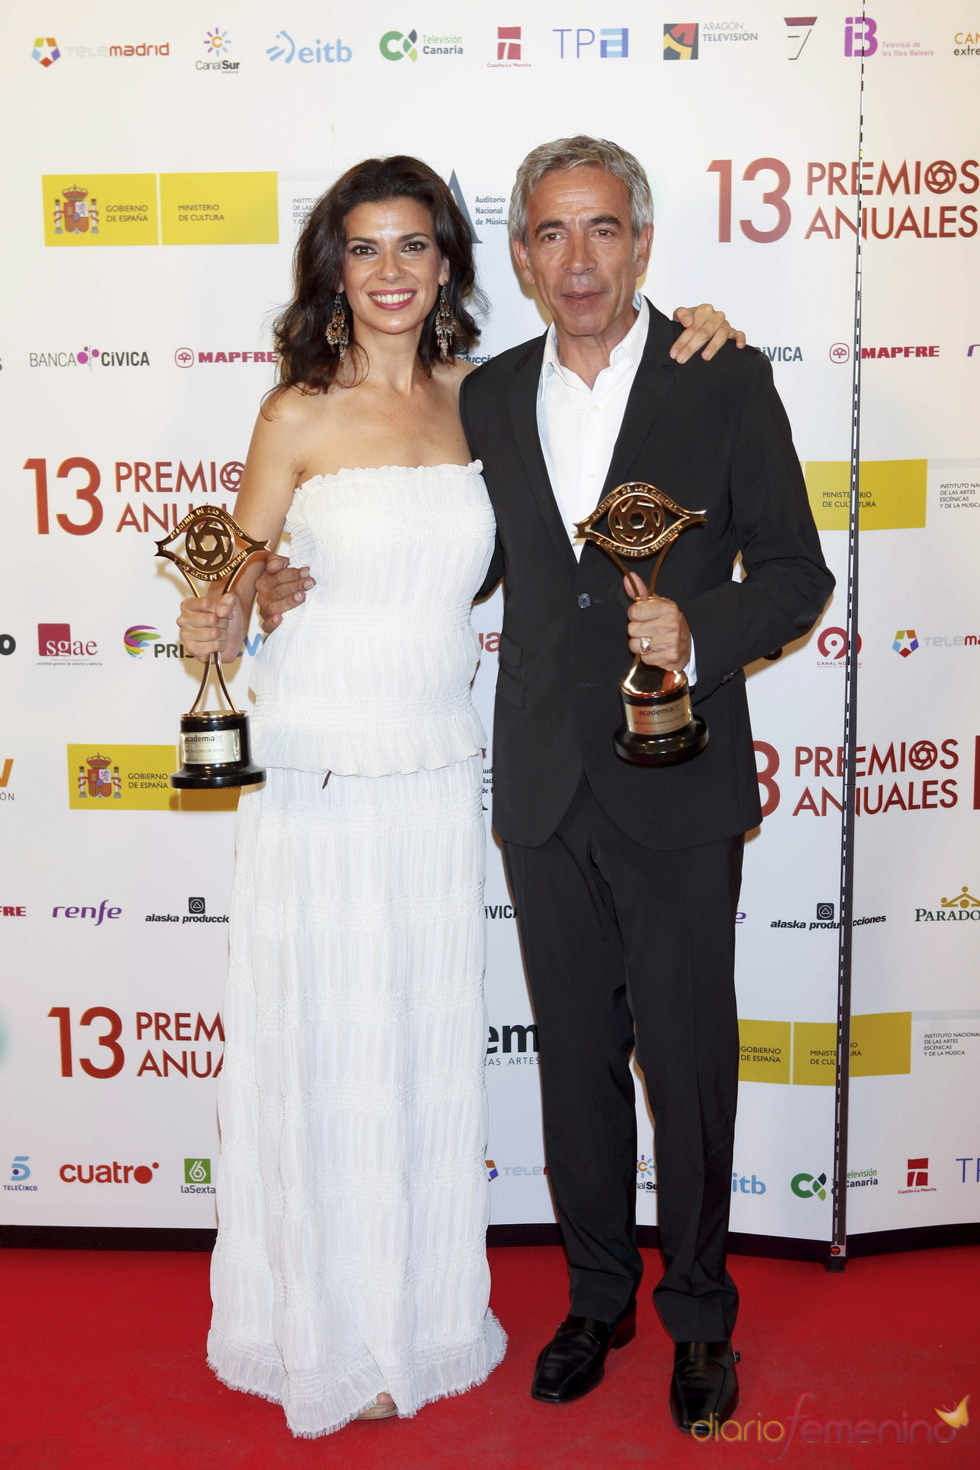 Imanol Arias y Pilar Punzano con sus Premios de la Academia de TV 2011